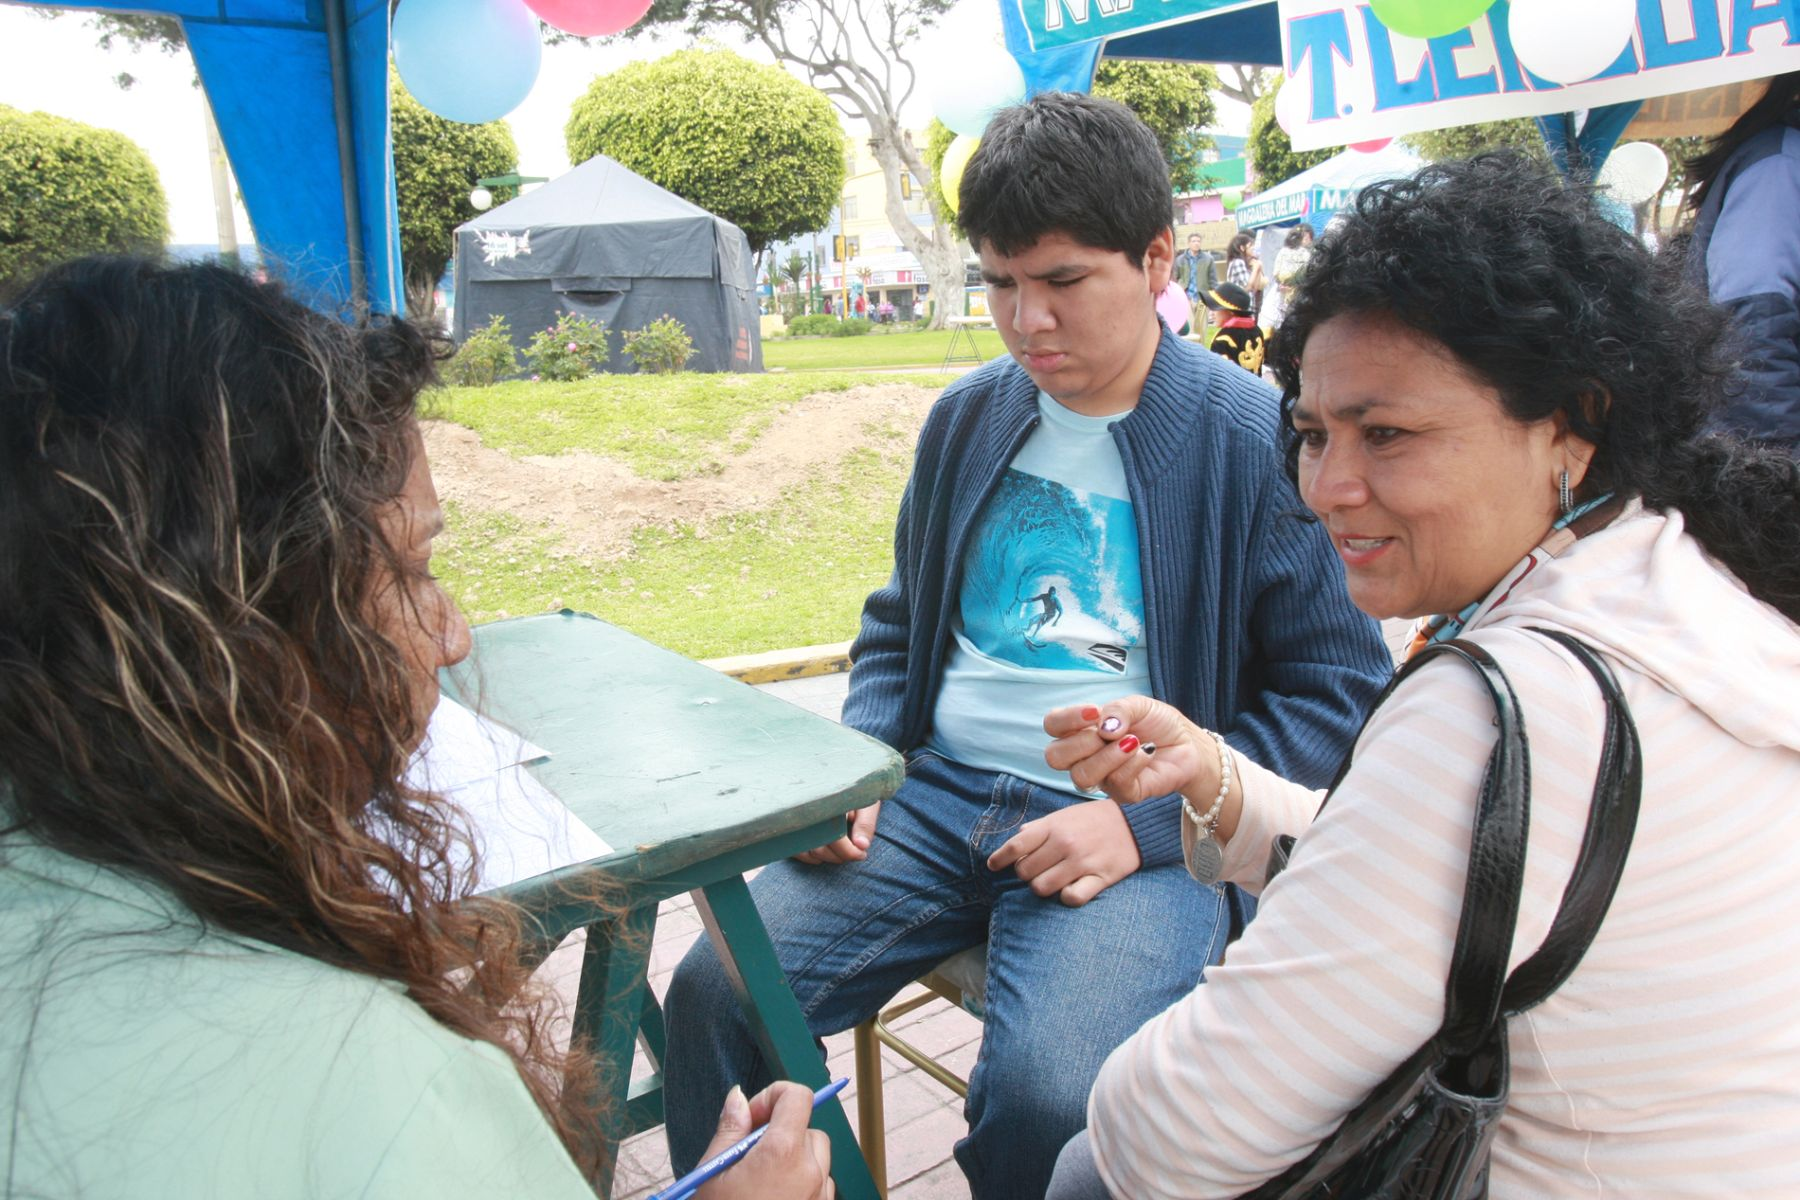 Realizará en enero primera campaña de salud mental gratuita en Barranco. Foto: ANDINA/Archivo.